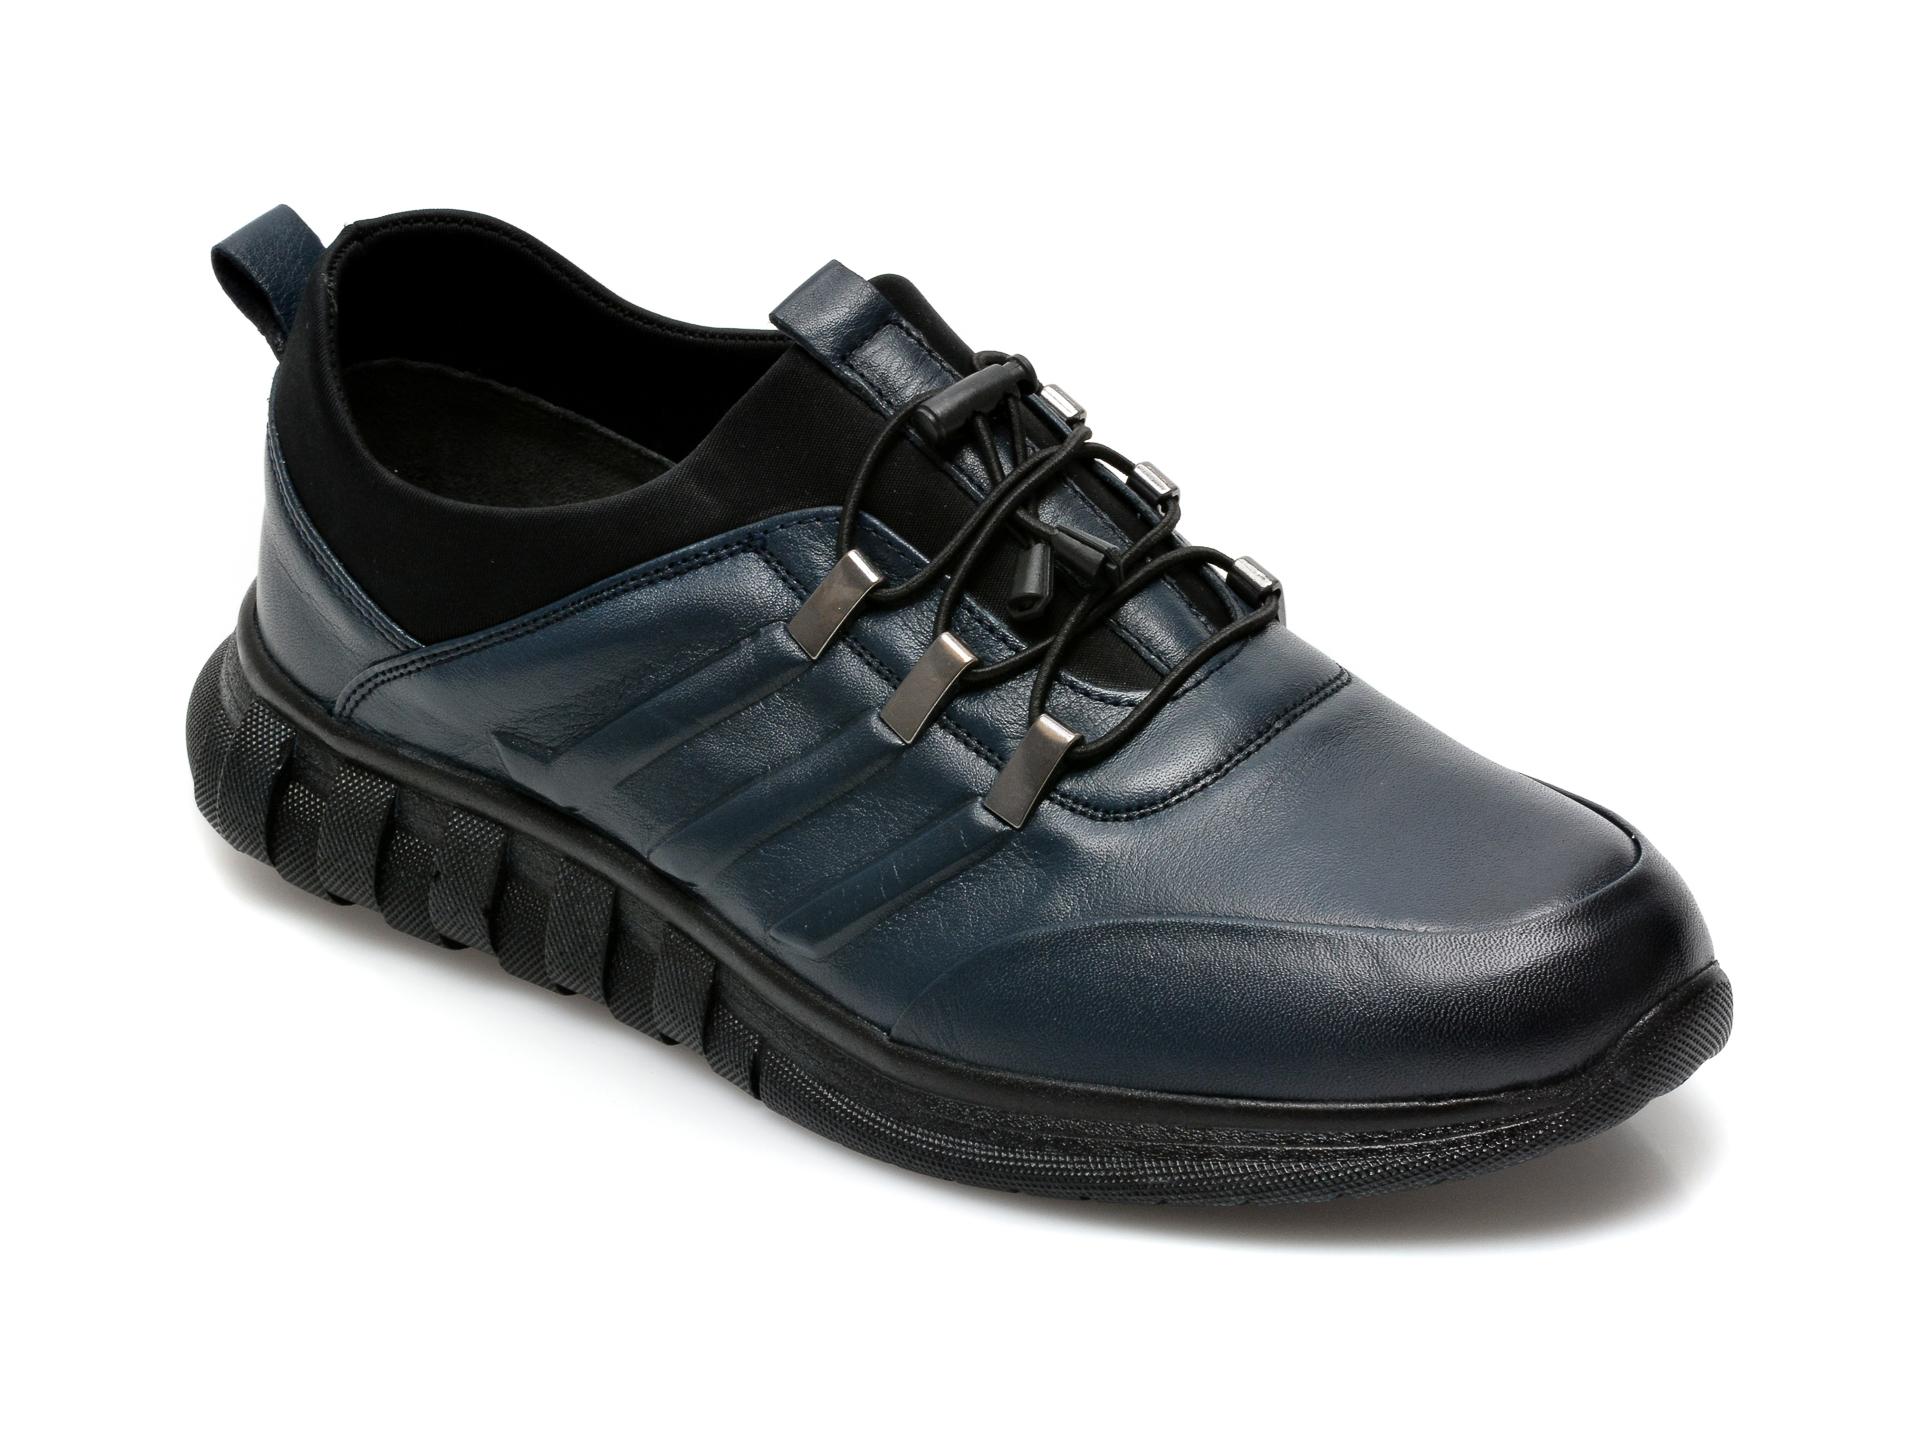 Pantofi GRYXX bleumarin, SYR102, din piele naturala imagine otter.ro 2021